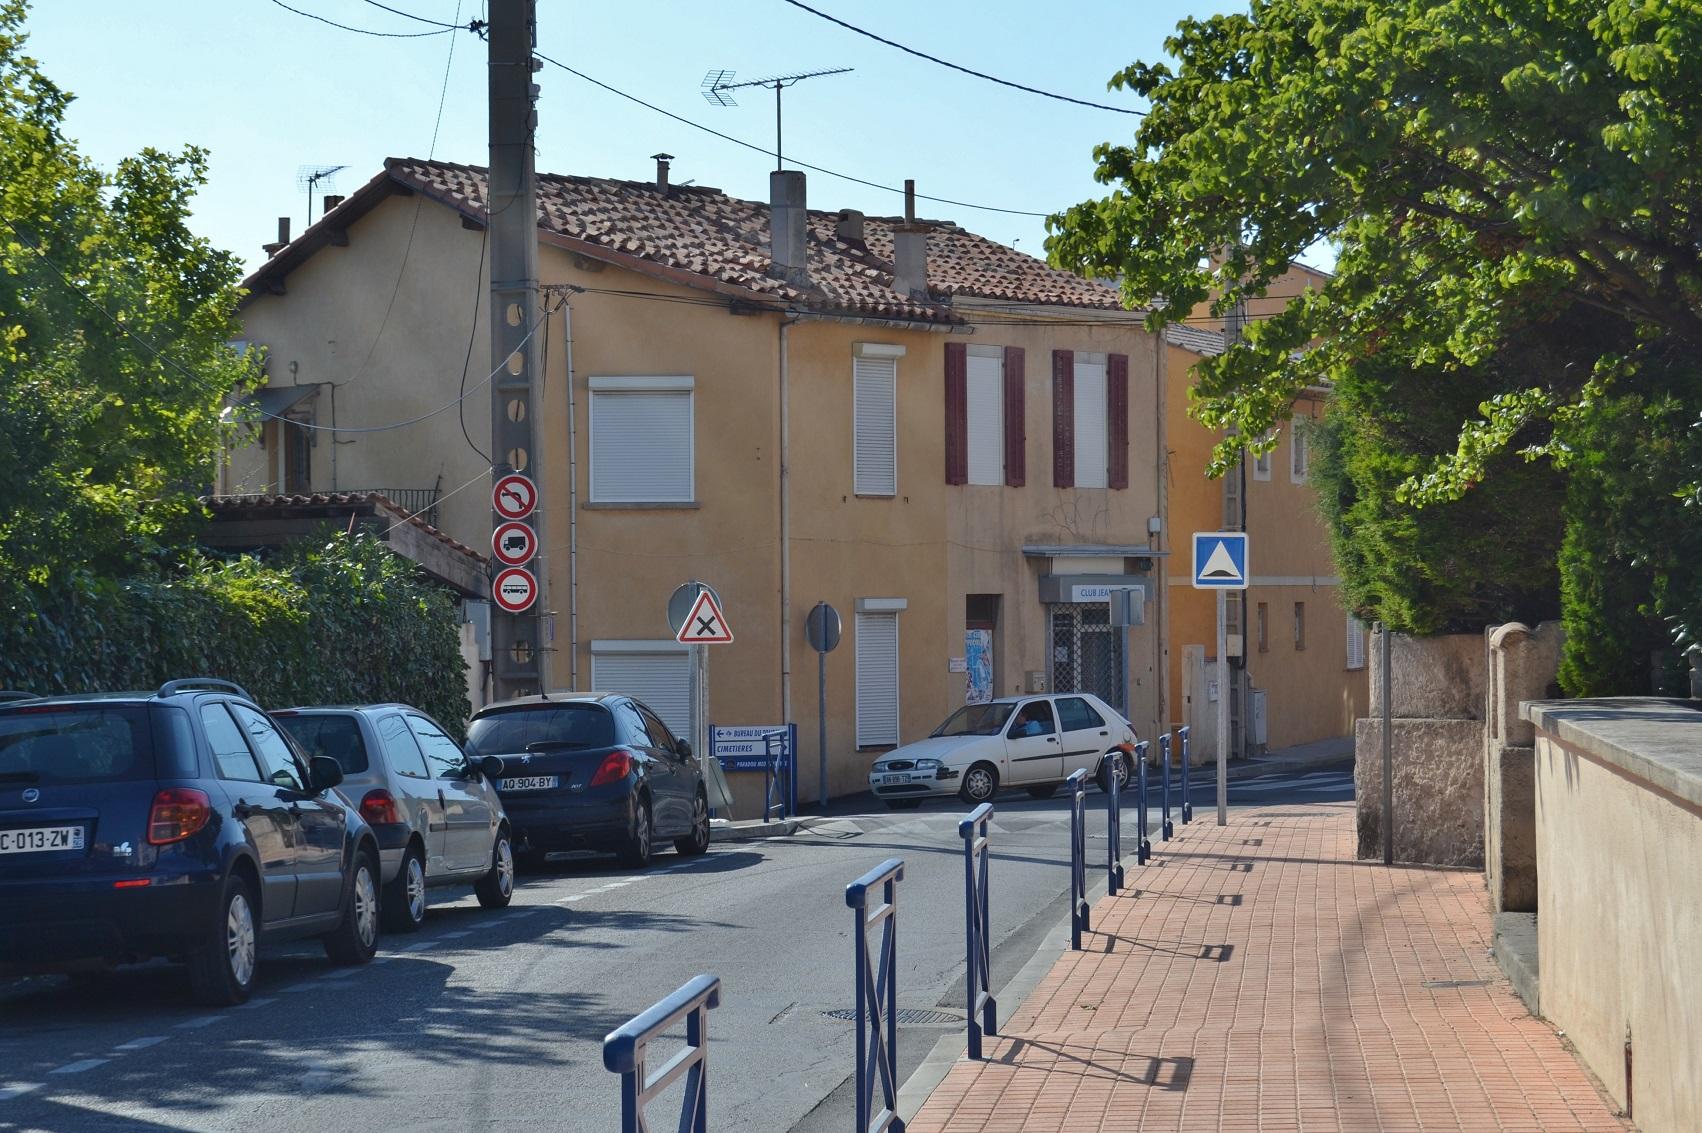 rencontres Provence Alpes Cote d Azur Bouches du Rhone Sausset les Pins